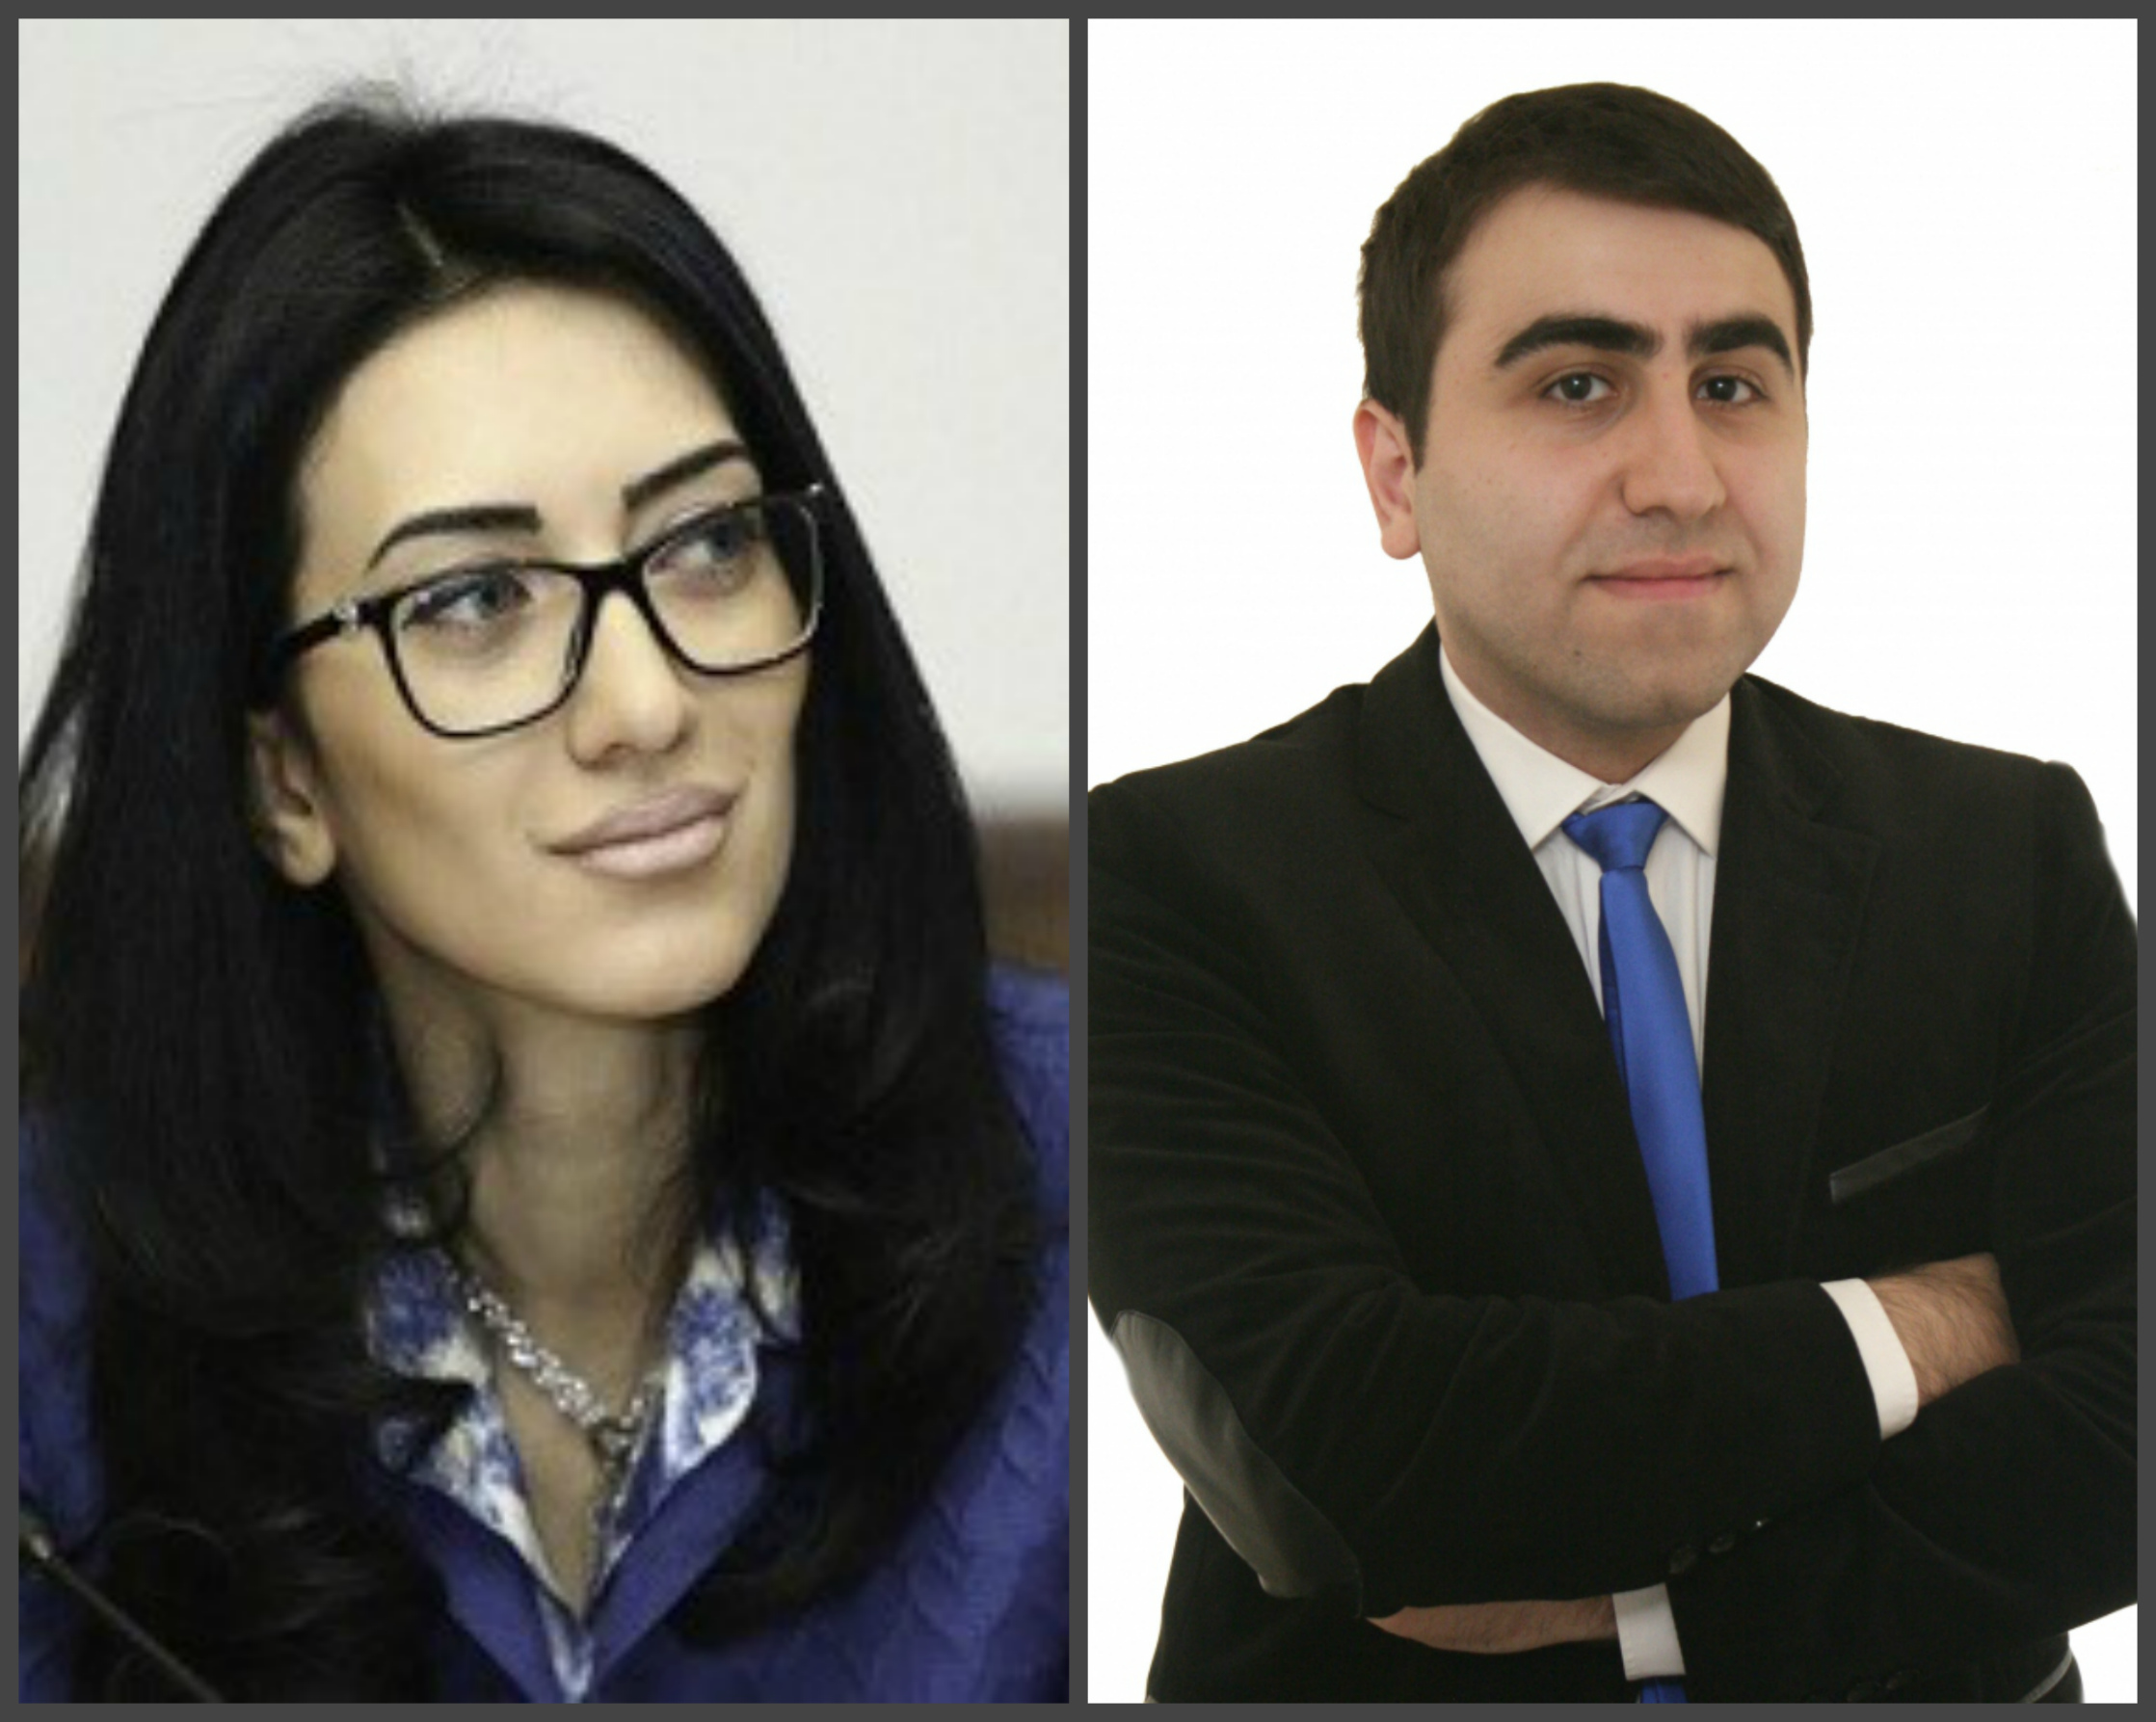 Photo of Արփինե Հովհաննիսյանն ու Վահագն Գրիգորյանը ՀԿ են հիմնադրել. կազմակերպության նպատակը մարդու իրավունքների պաշտպանությունն է